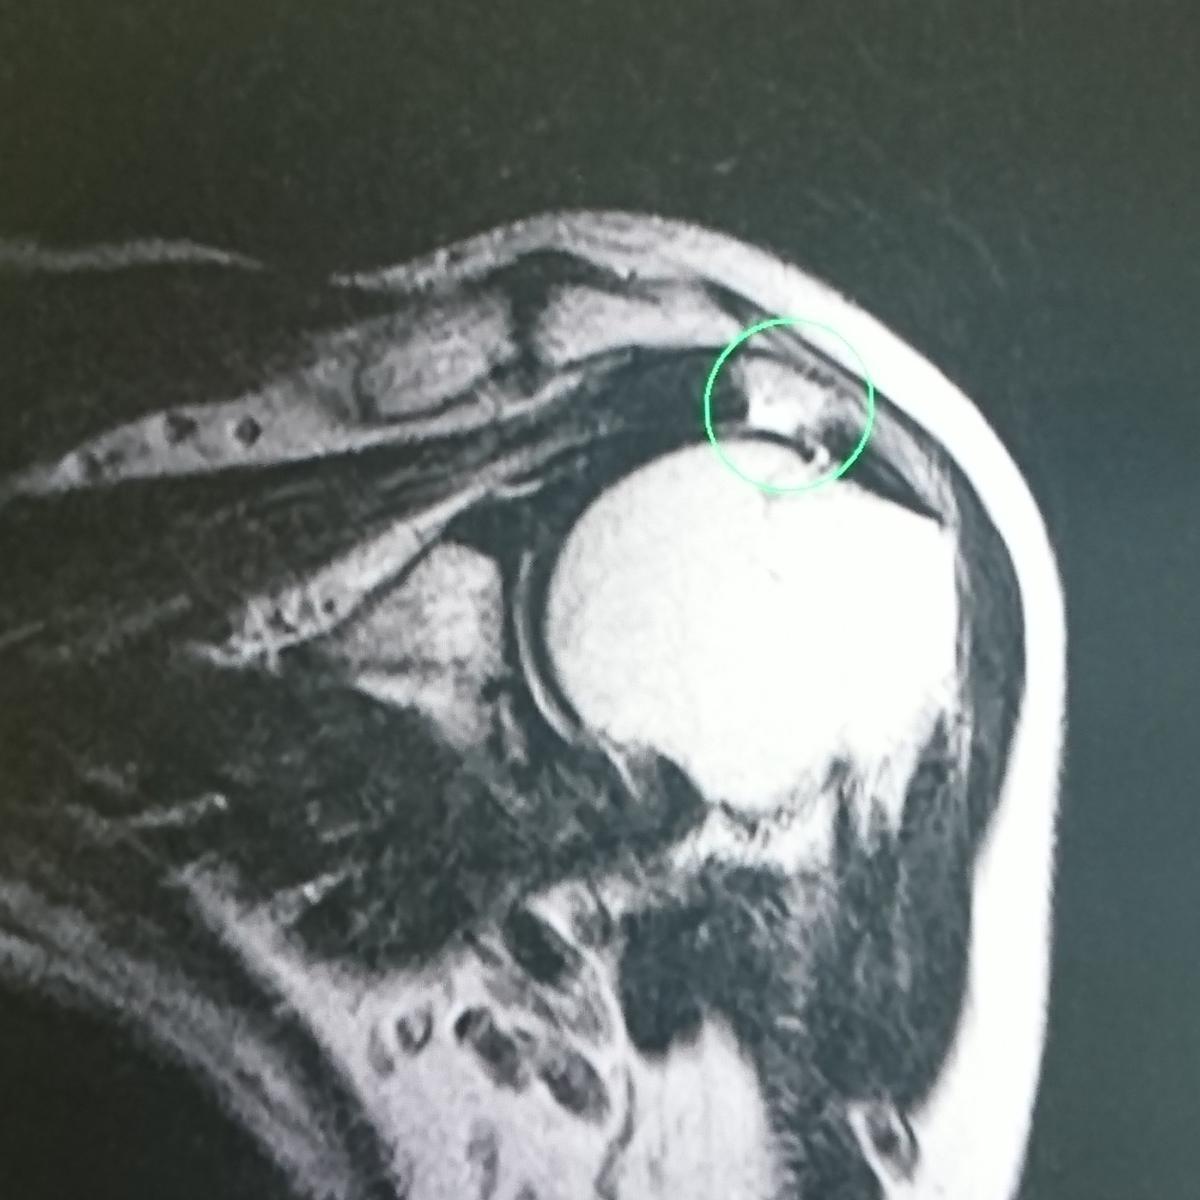 肩関節腱板損傷のMRI画像